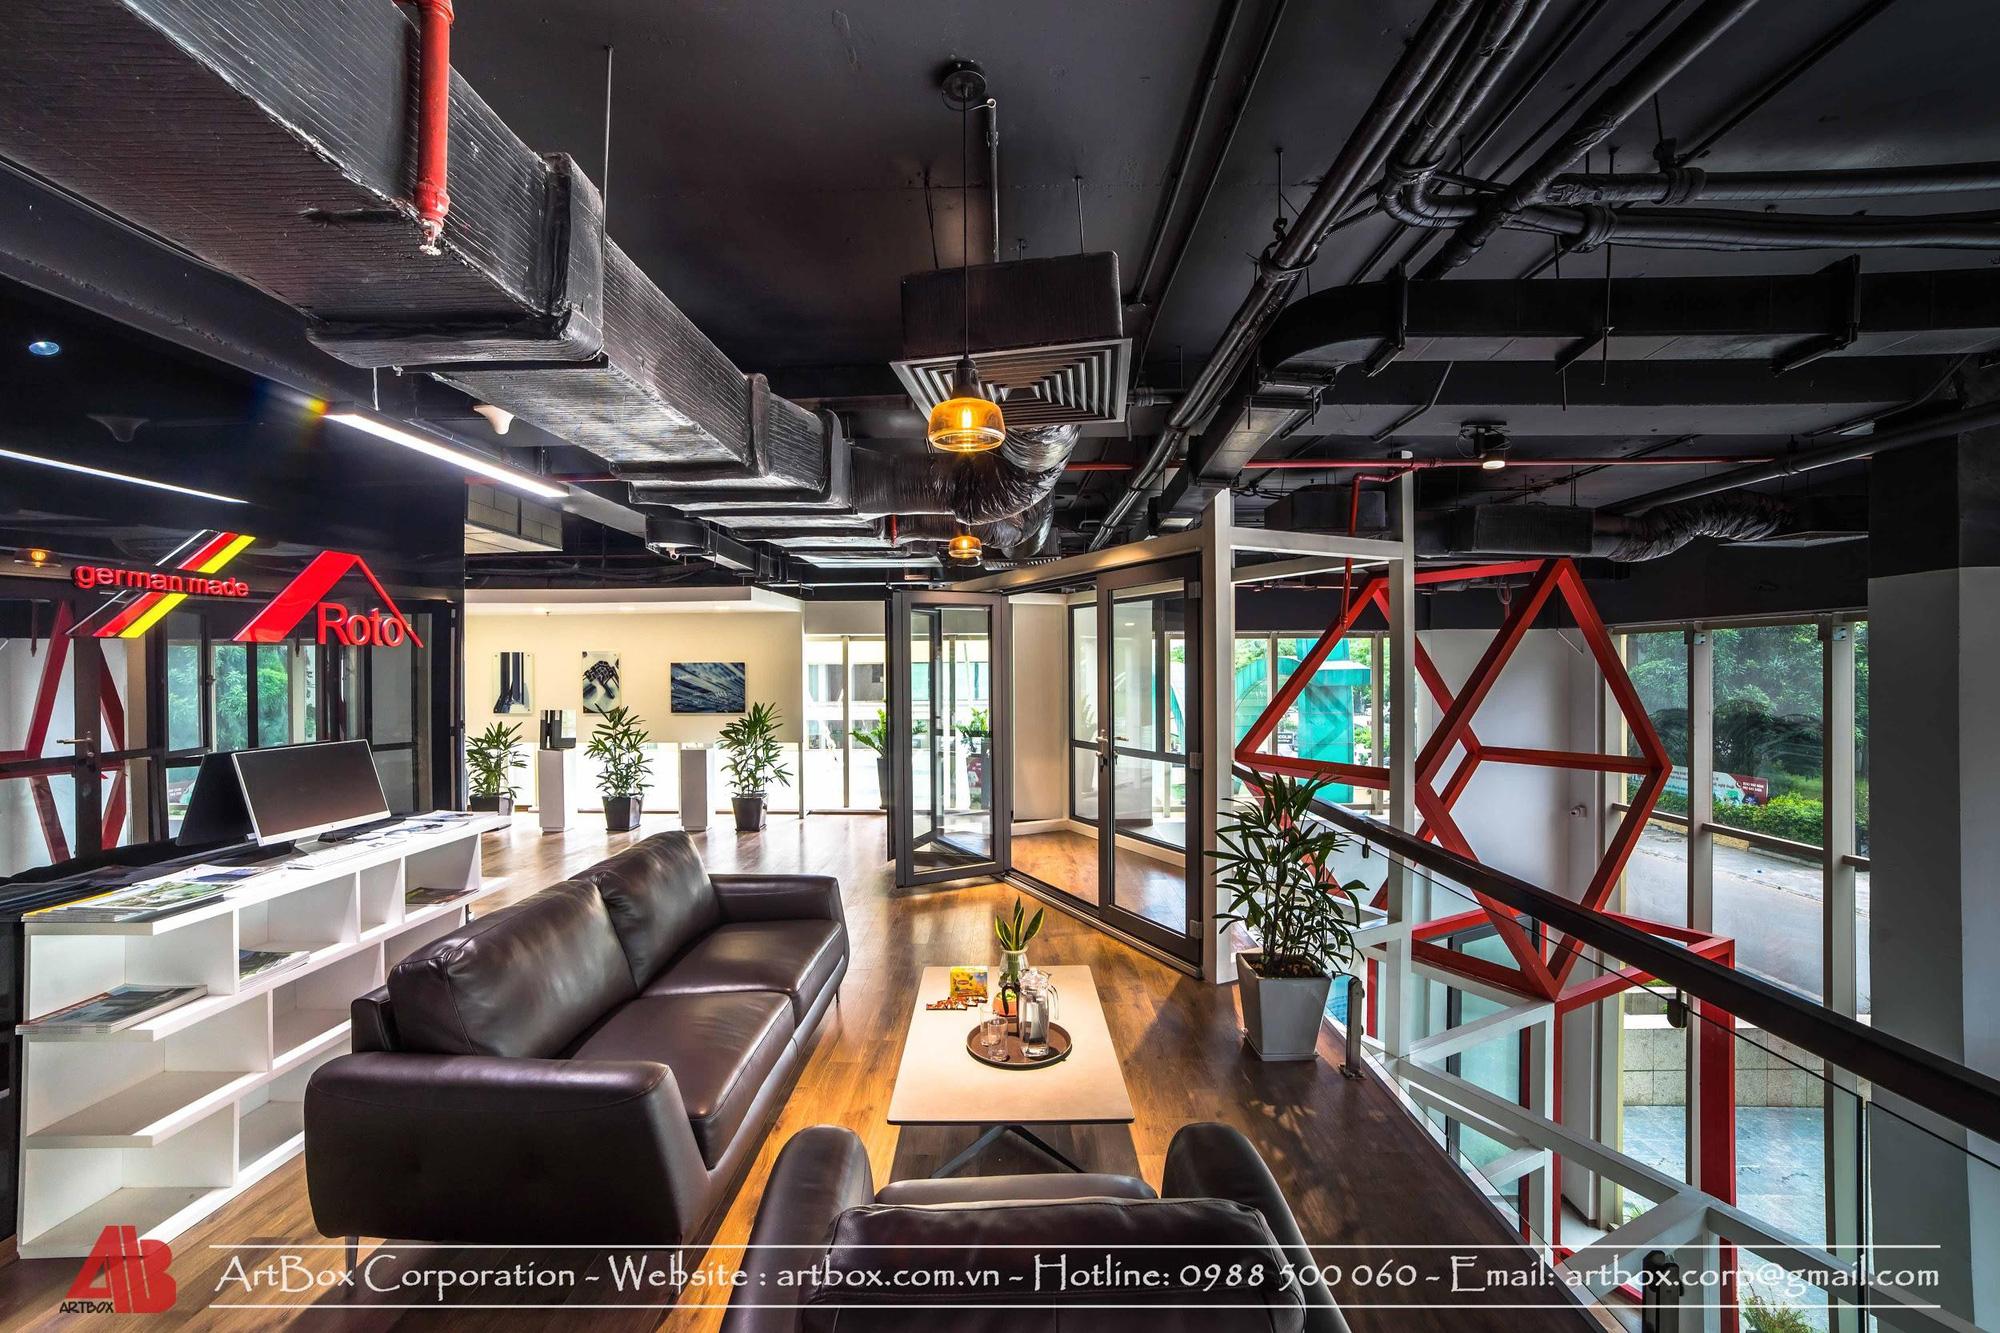 Thiết kế và thi công nội thất Artbox- thương hiệu thiết kế nội thất hàng đầu ở tại miền Bắc - Ảnh 2.